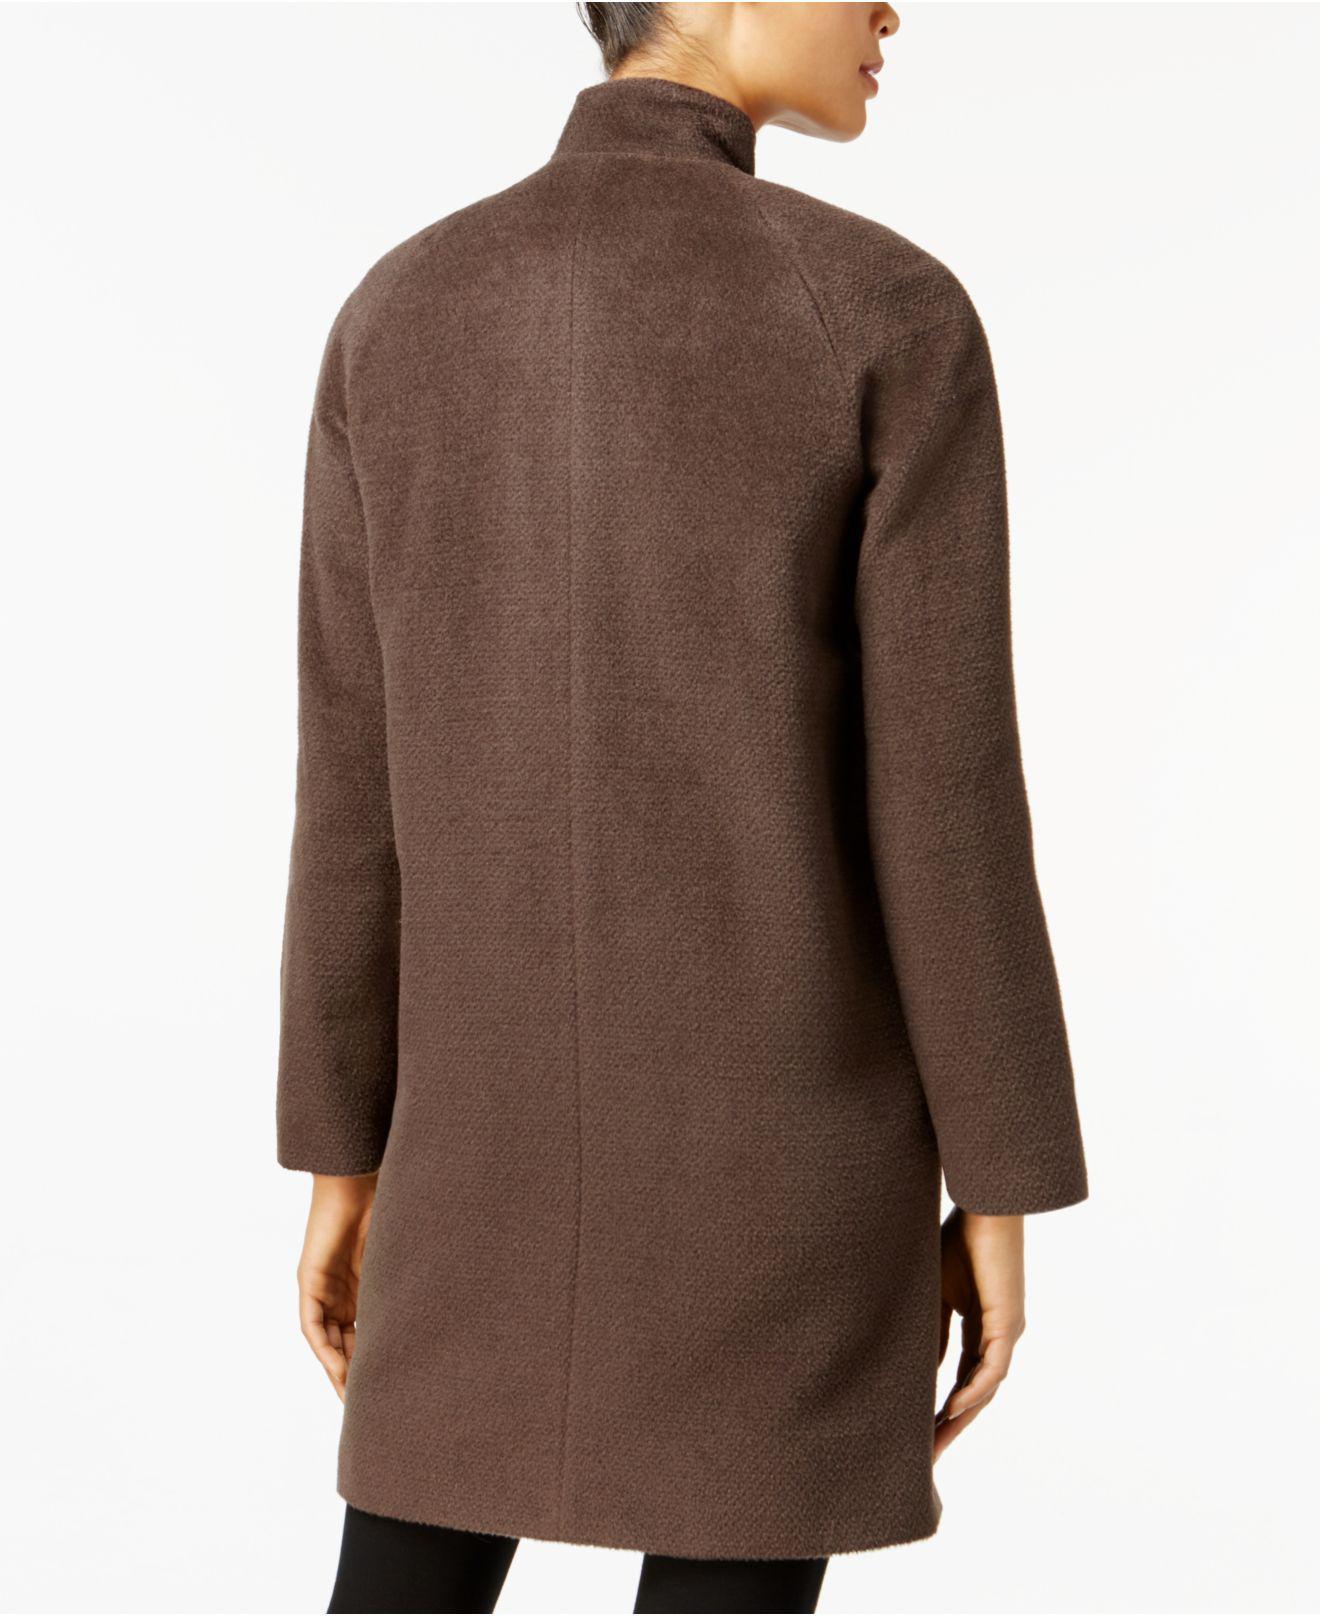 Jones New York Tiered Faux Fur Hooded Coat   Nordstrom